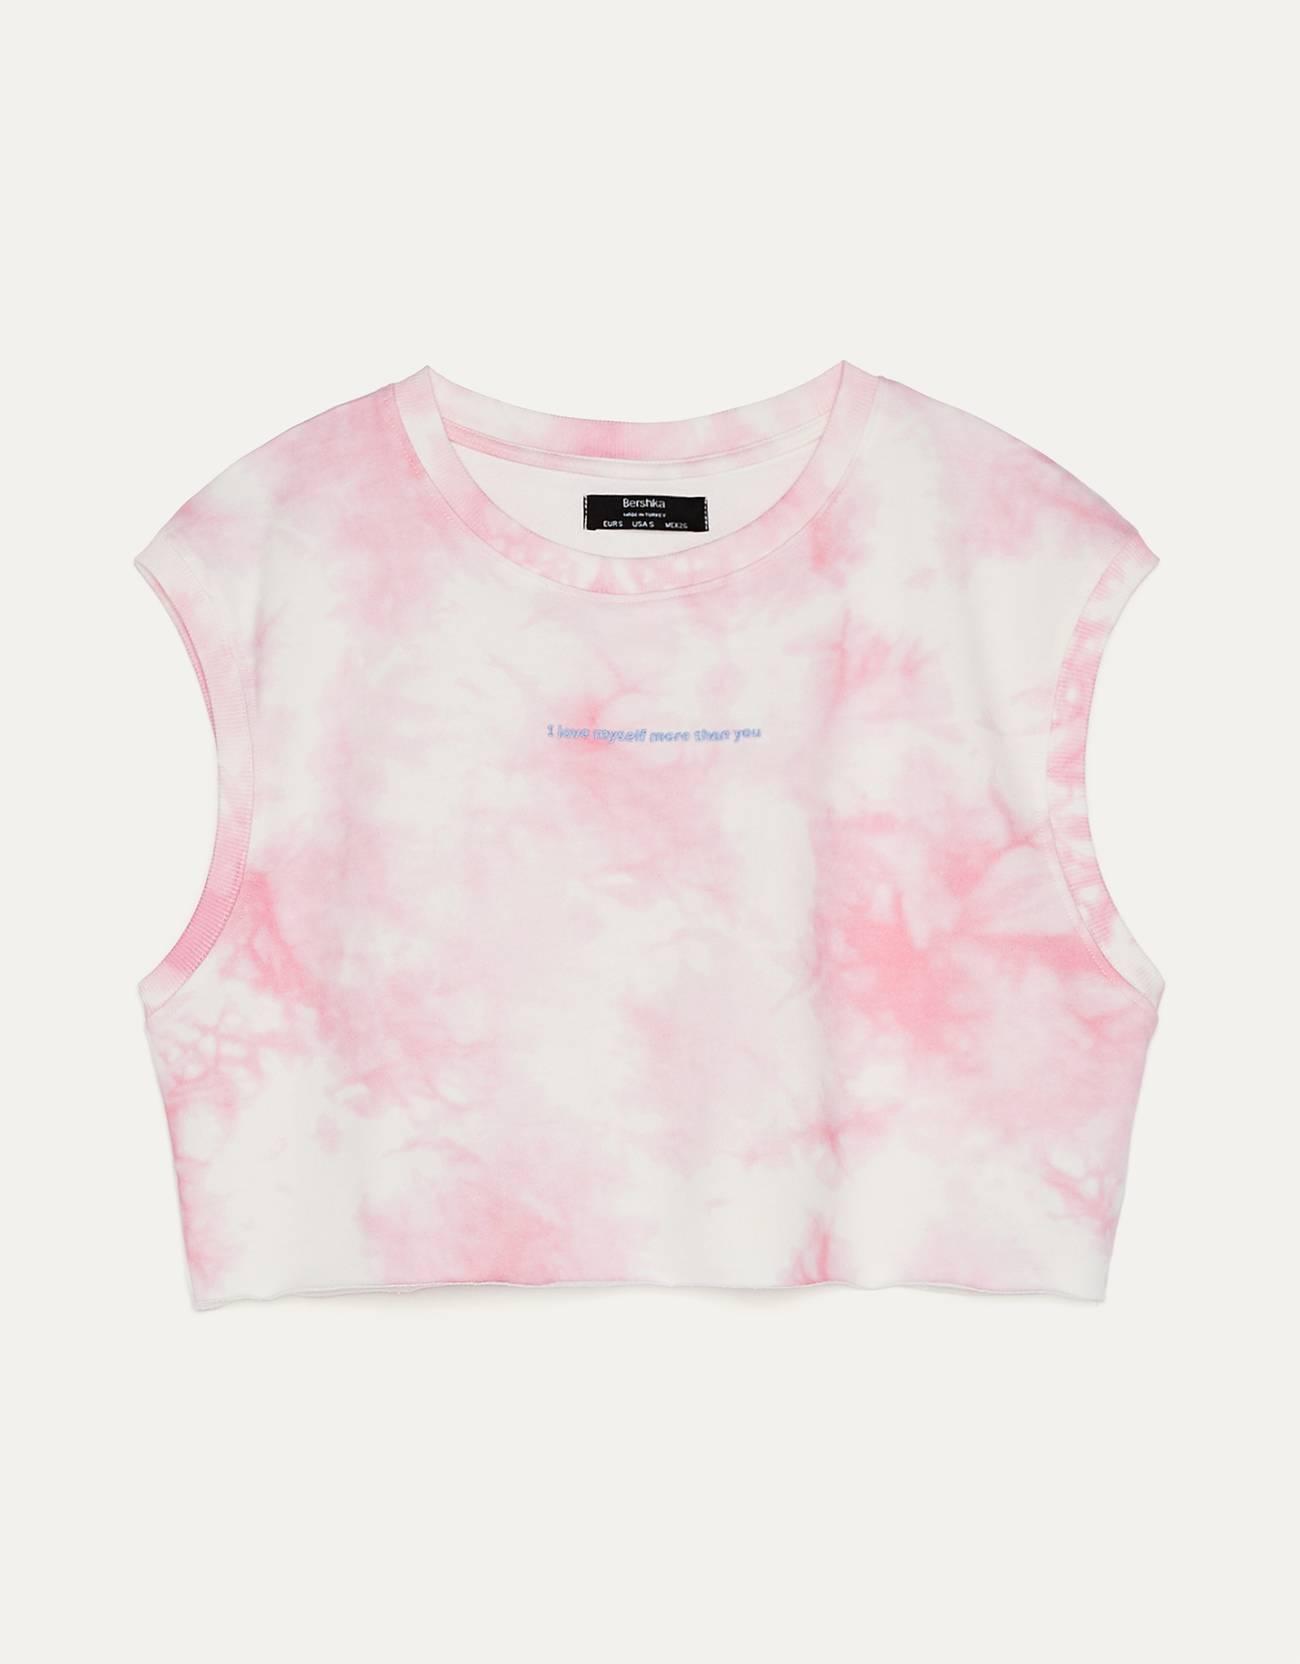 Camiseta cropped con tie dye de color rosa.